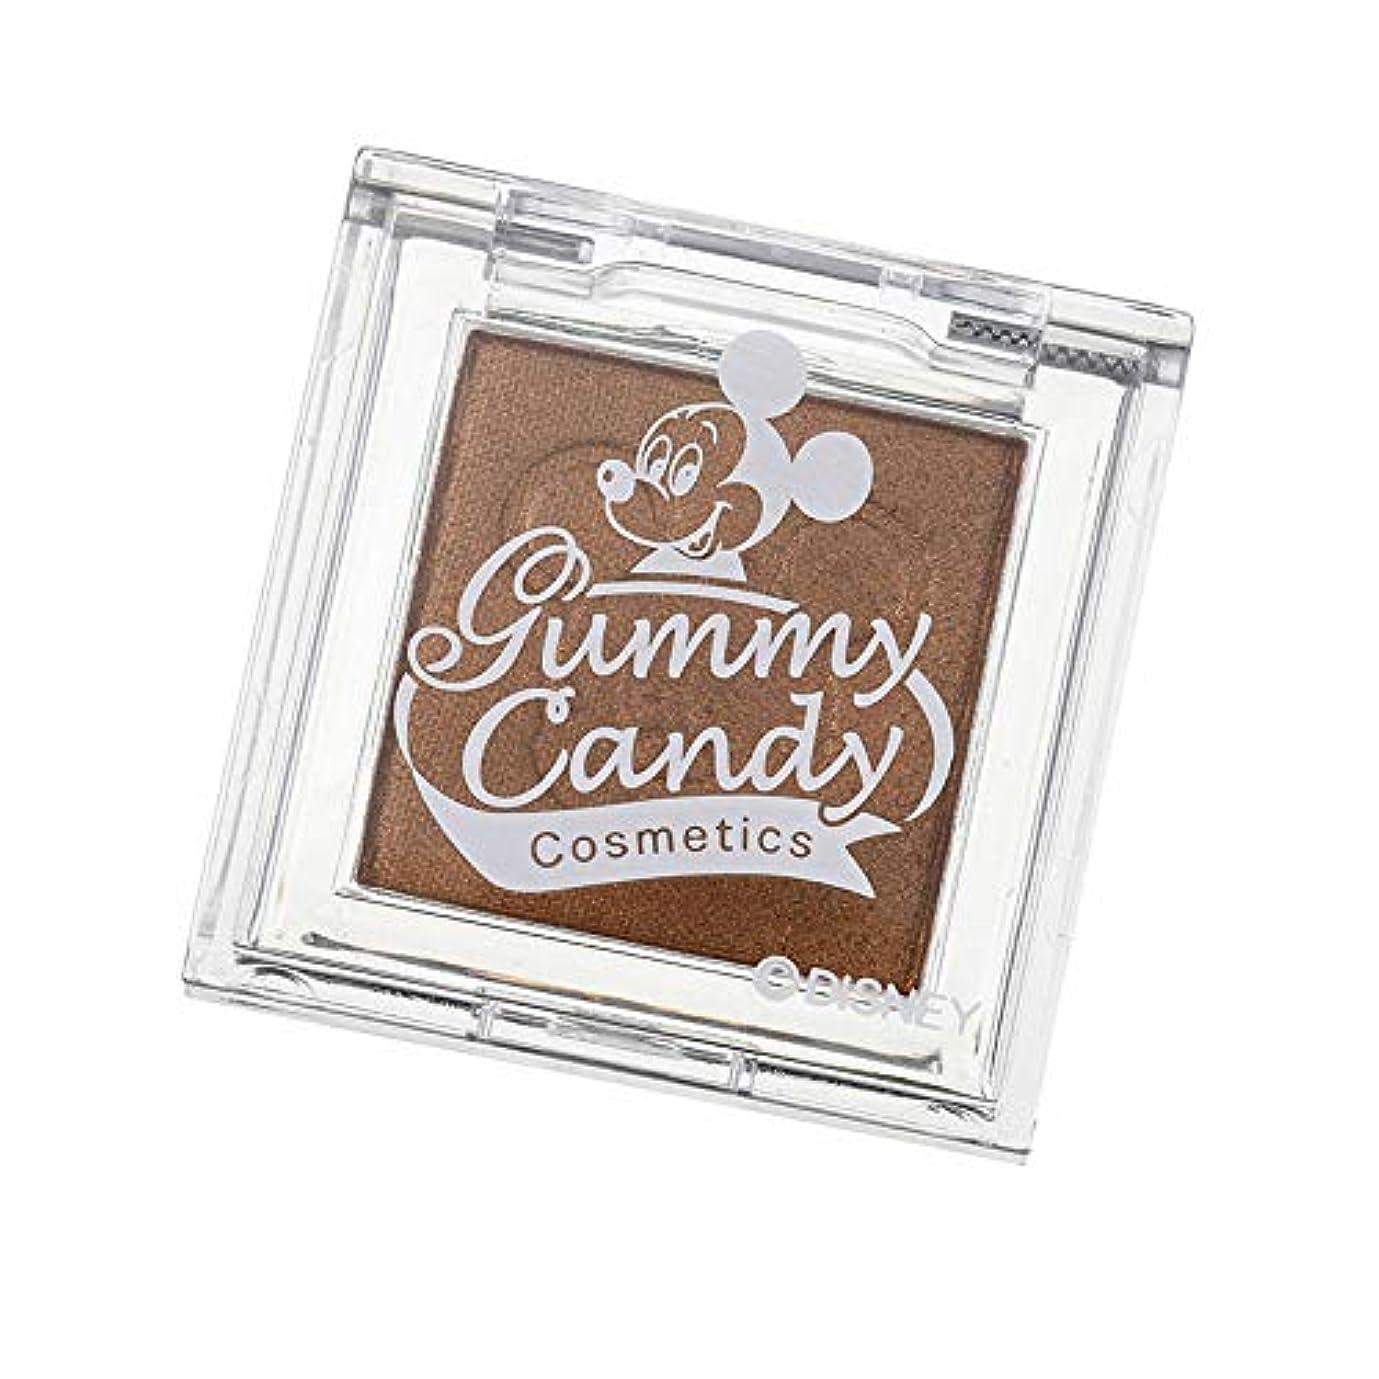 うねる今まで理論ディズニーストア(公式)アイシャドウ ミッキー ブラウン Gummy Candy Cosme